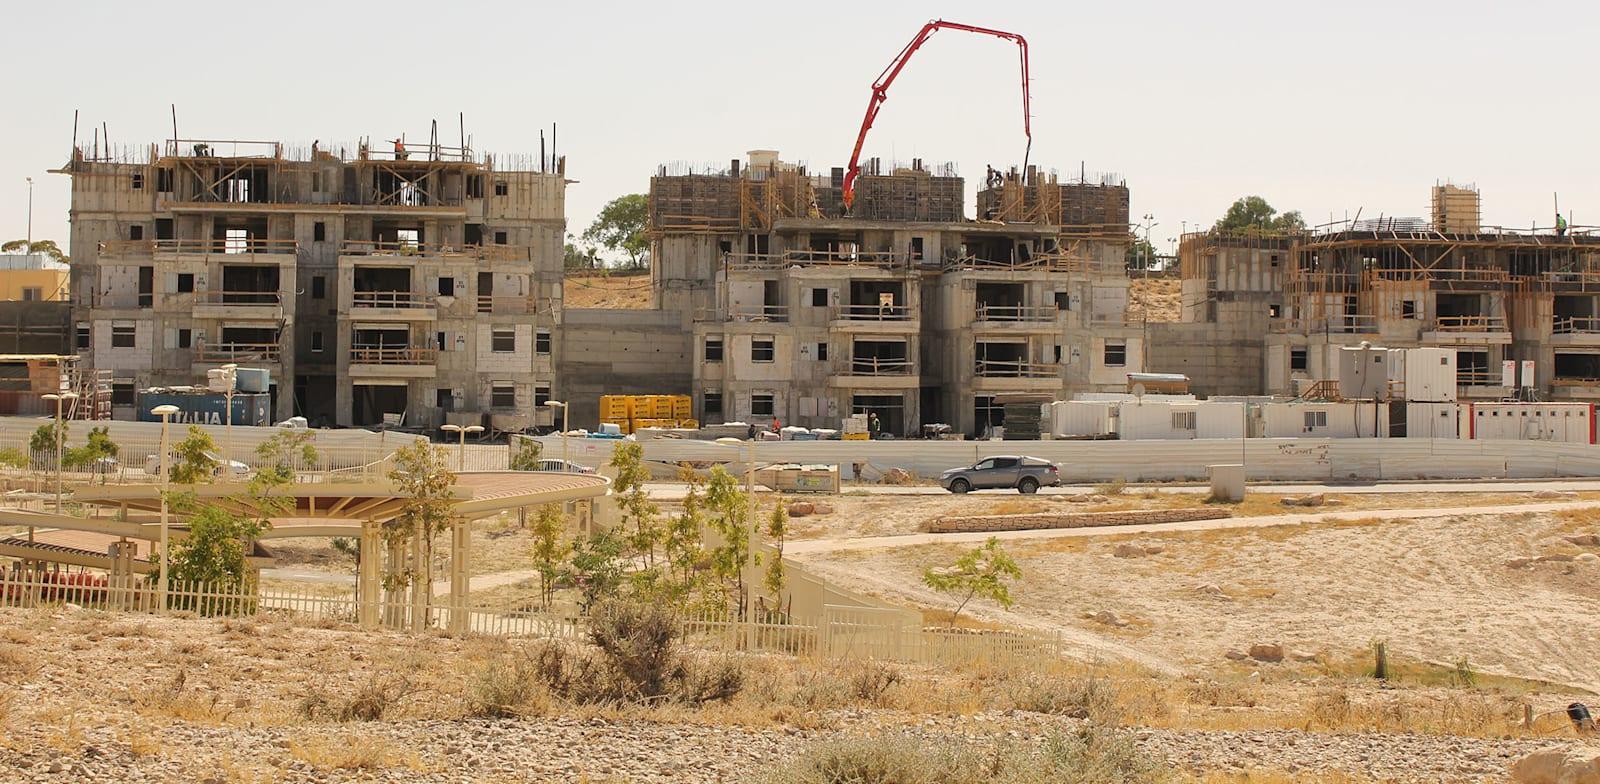 בנייה בערד / צילום: גיא ליברמן